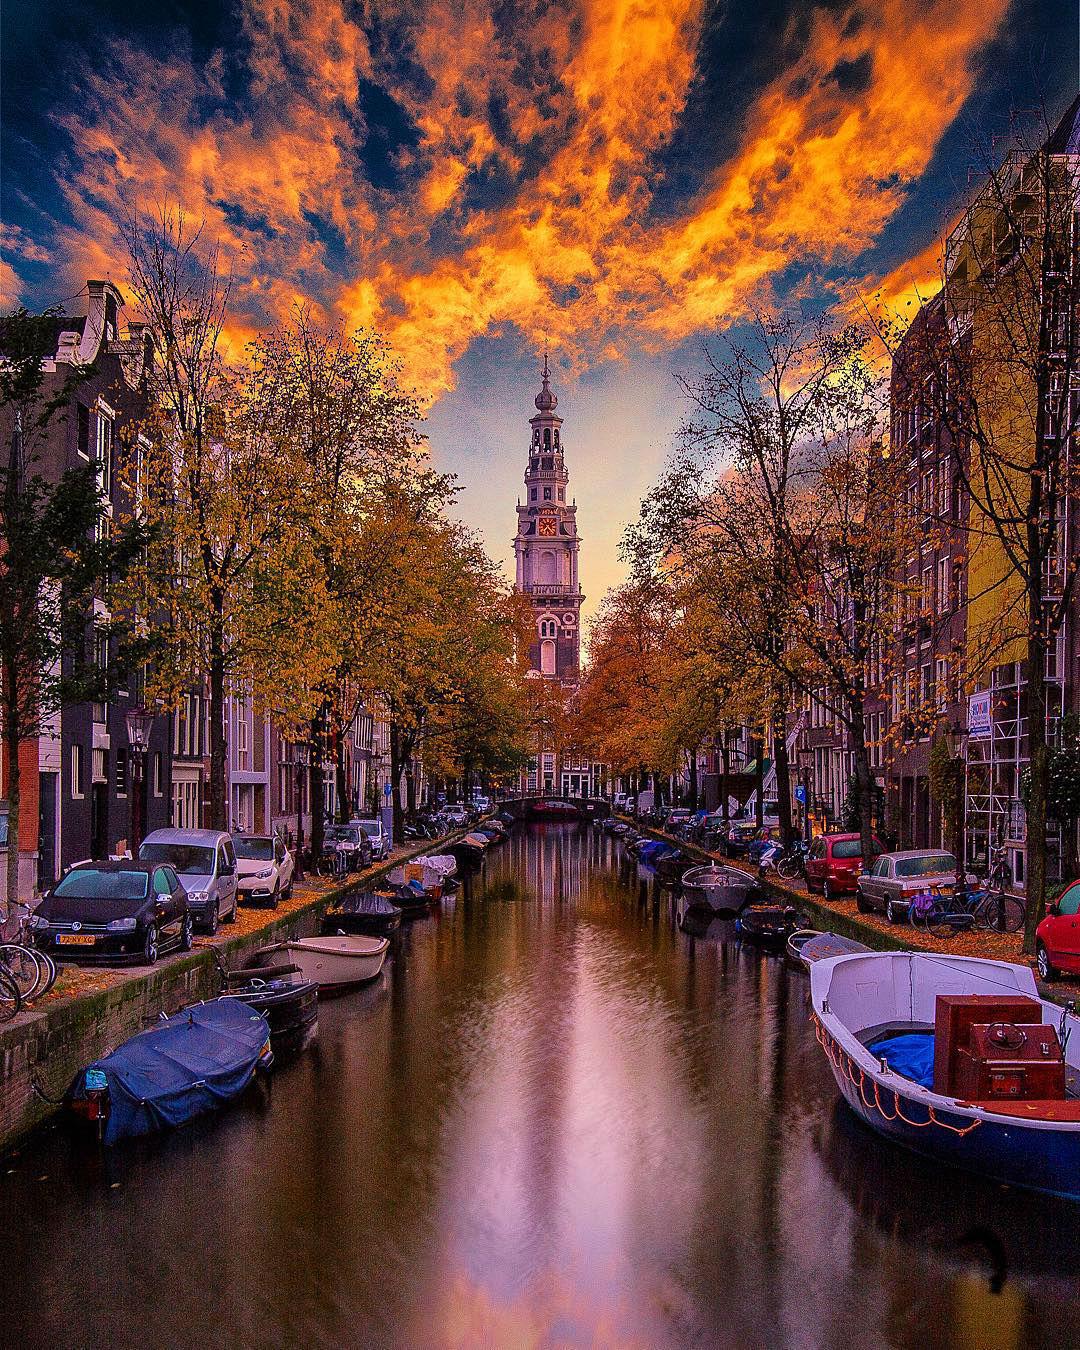 viaje alrededor del mundo con fotografías de paisajes surreales Jacob Riglin 012